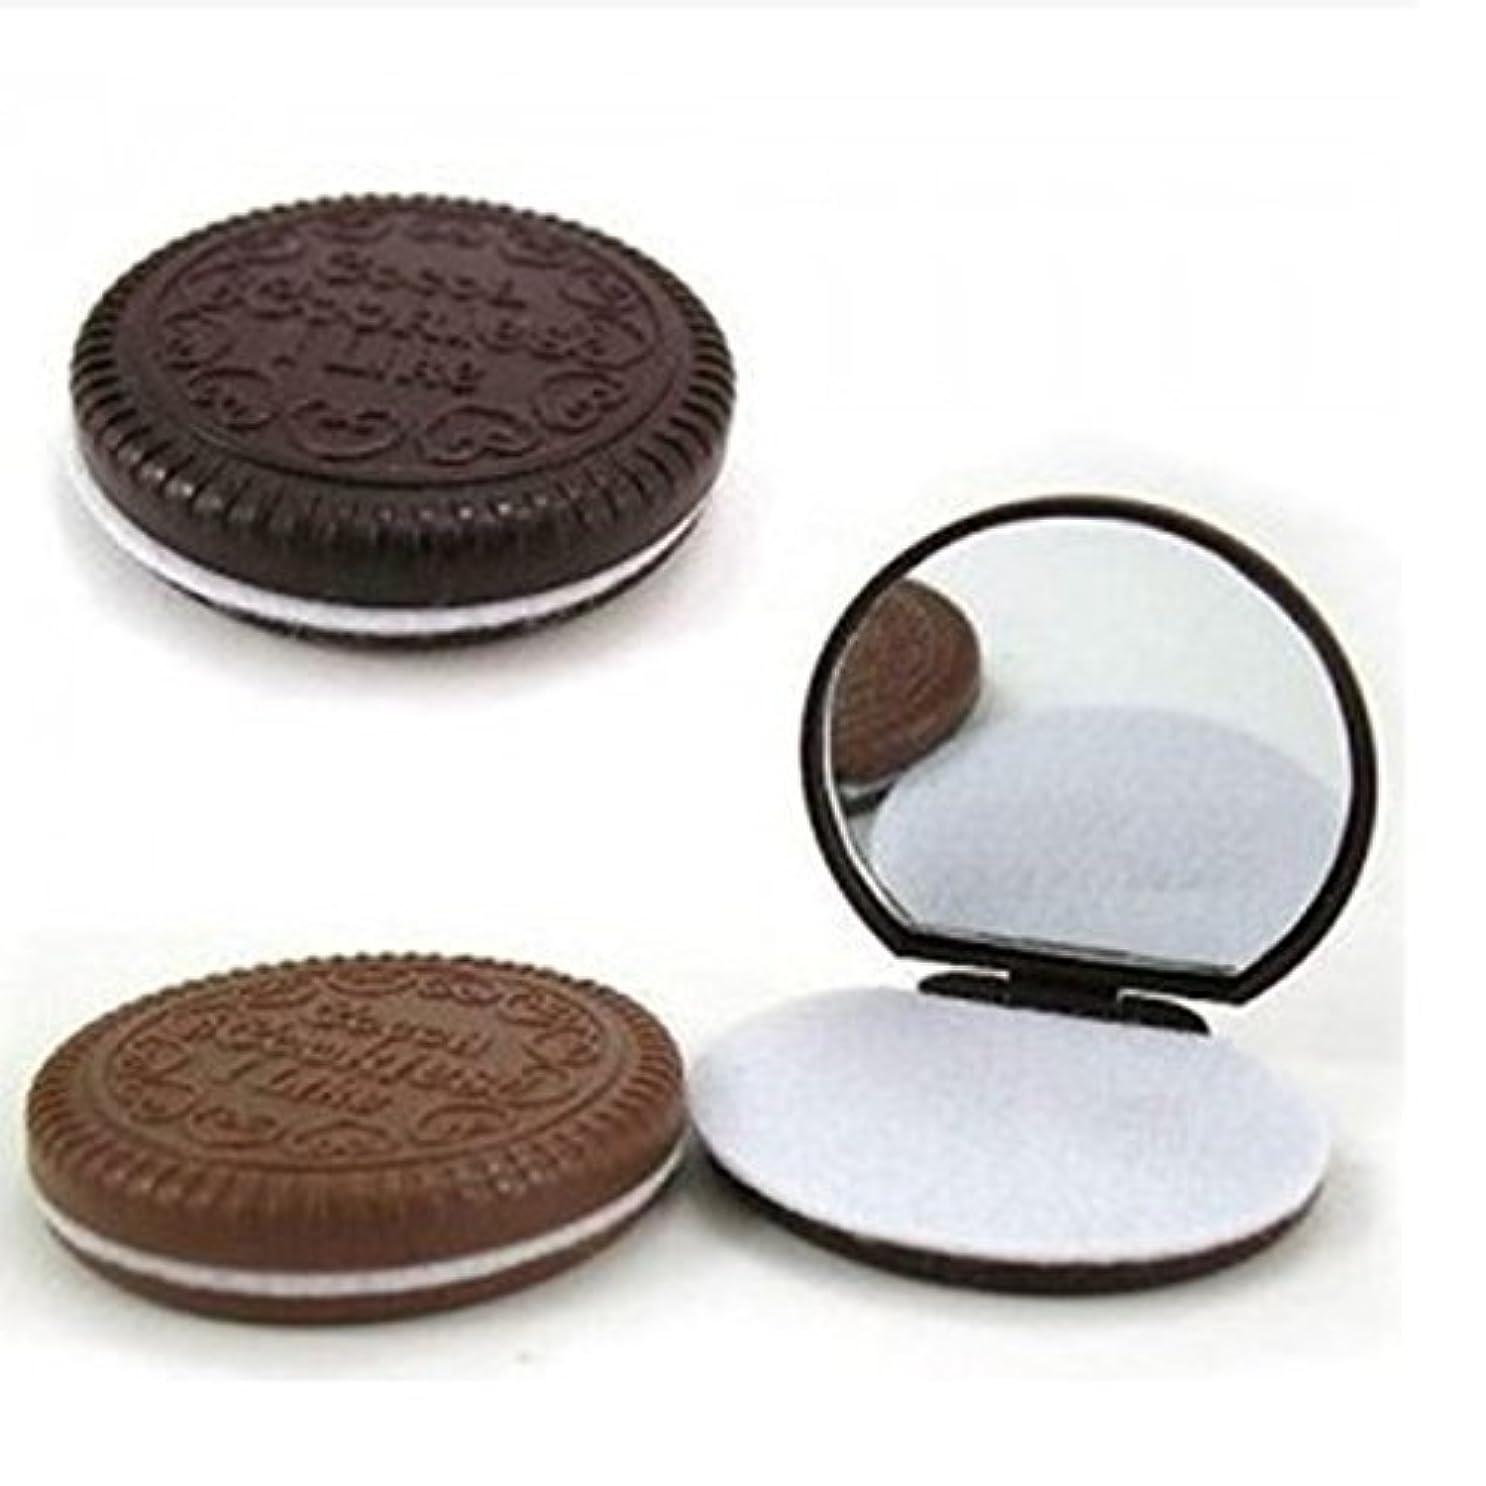 環境やがて歴史的3 Pcs Cute Chocolate Makeup Mirror With Comb Women Hand Pocket Compact Makeup Tools Great Gift [並行輸入品]